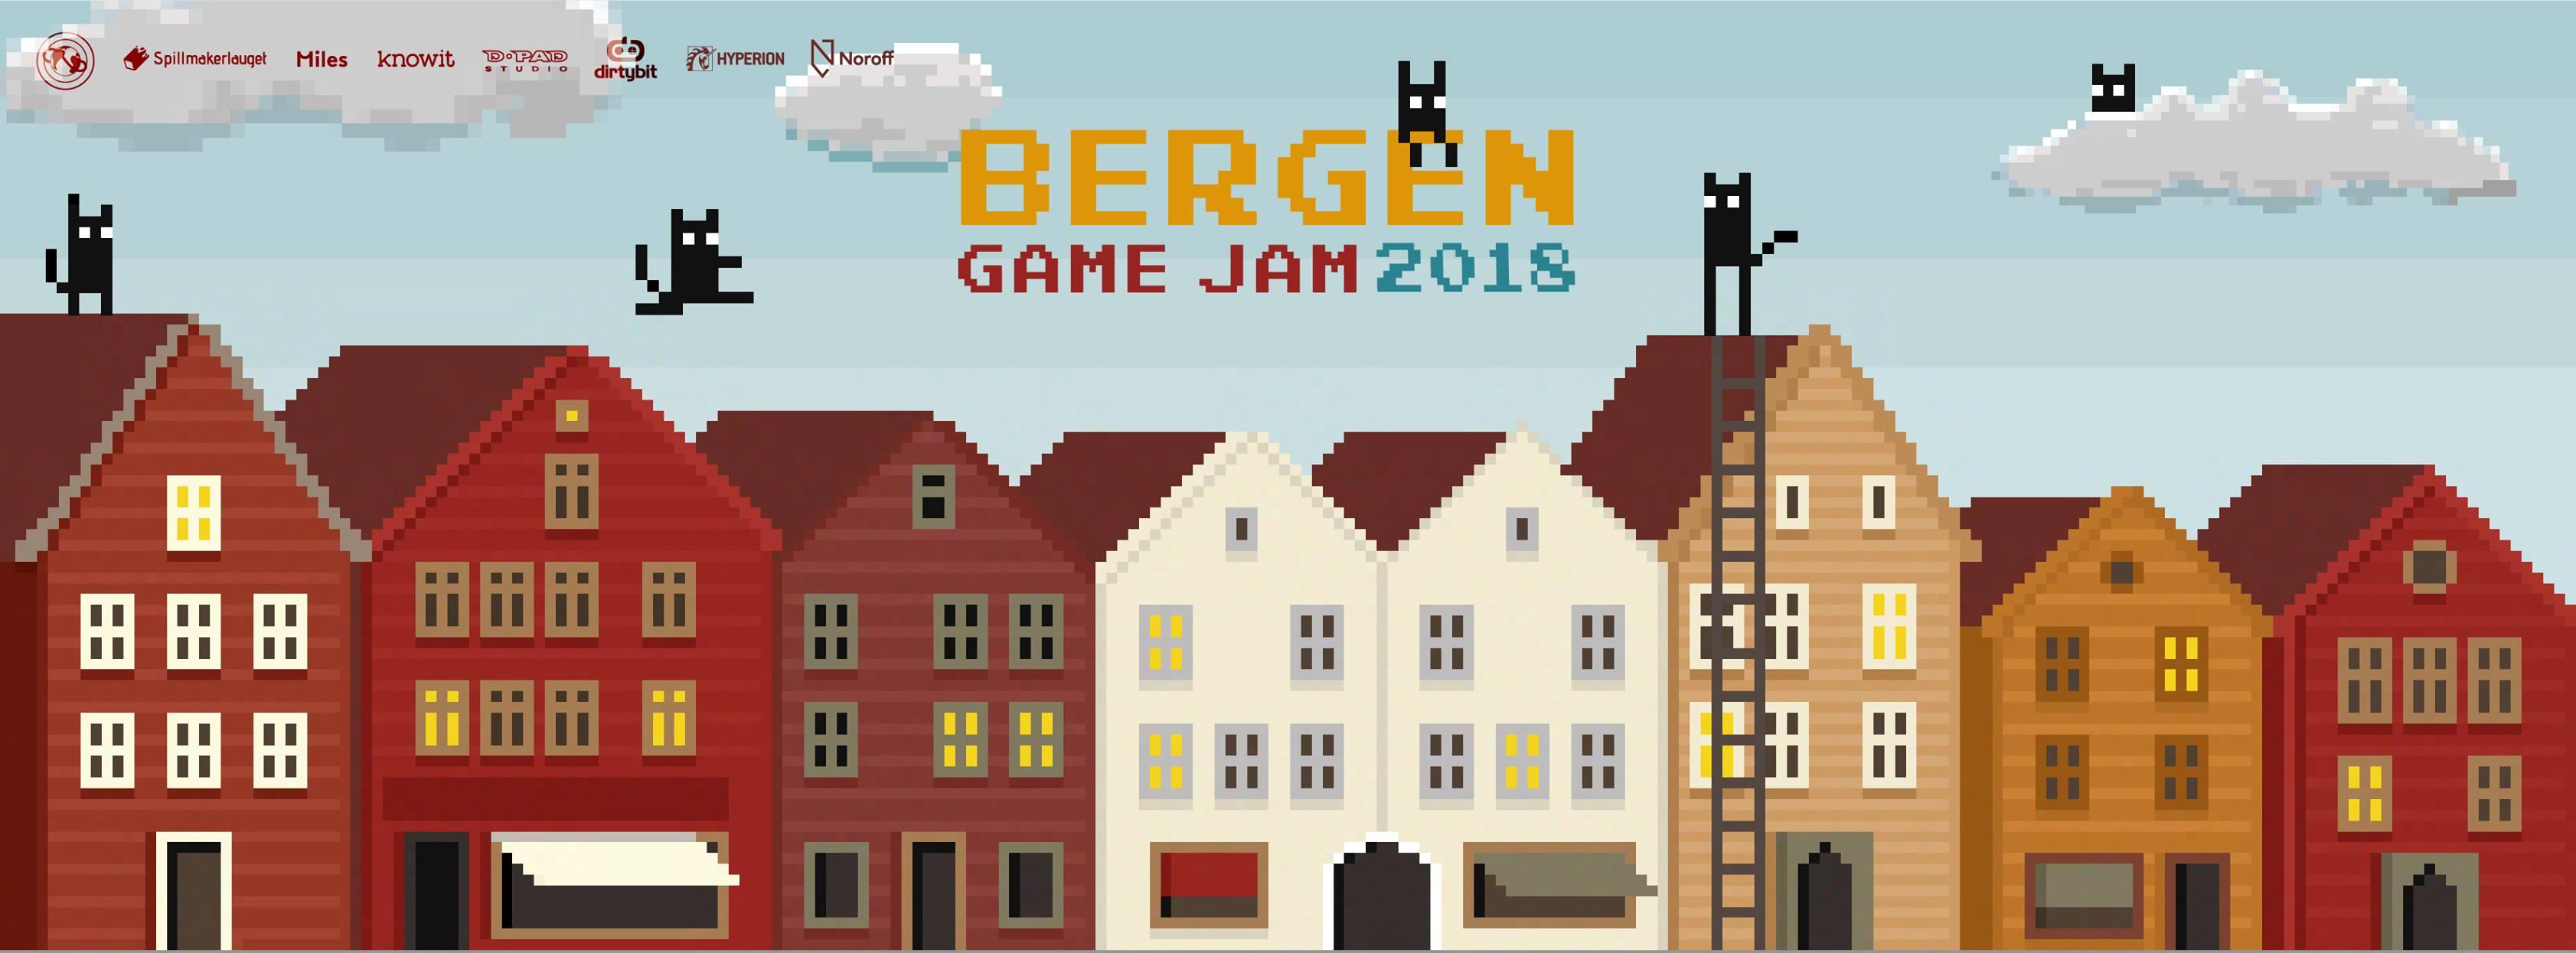 Bergen Game Jam 2018